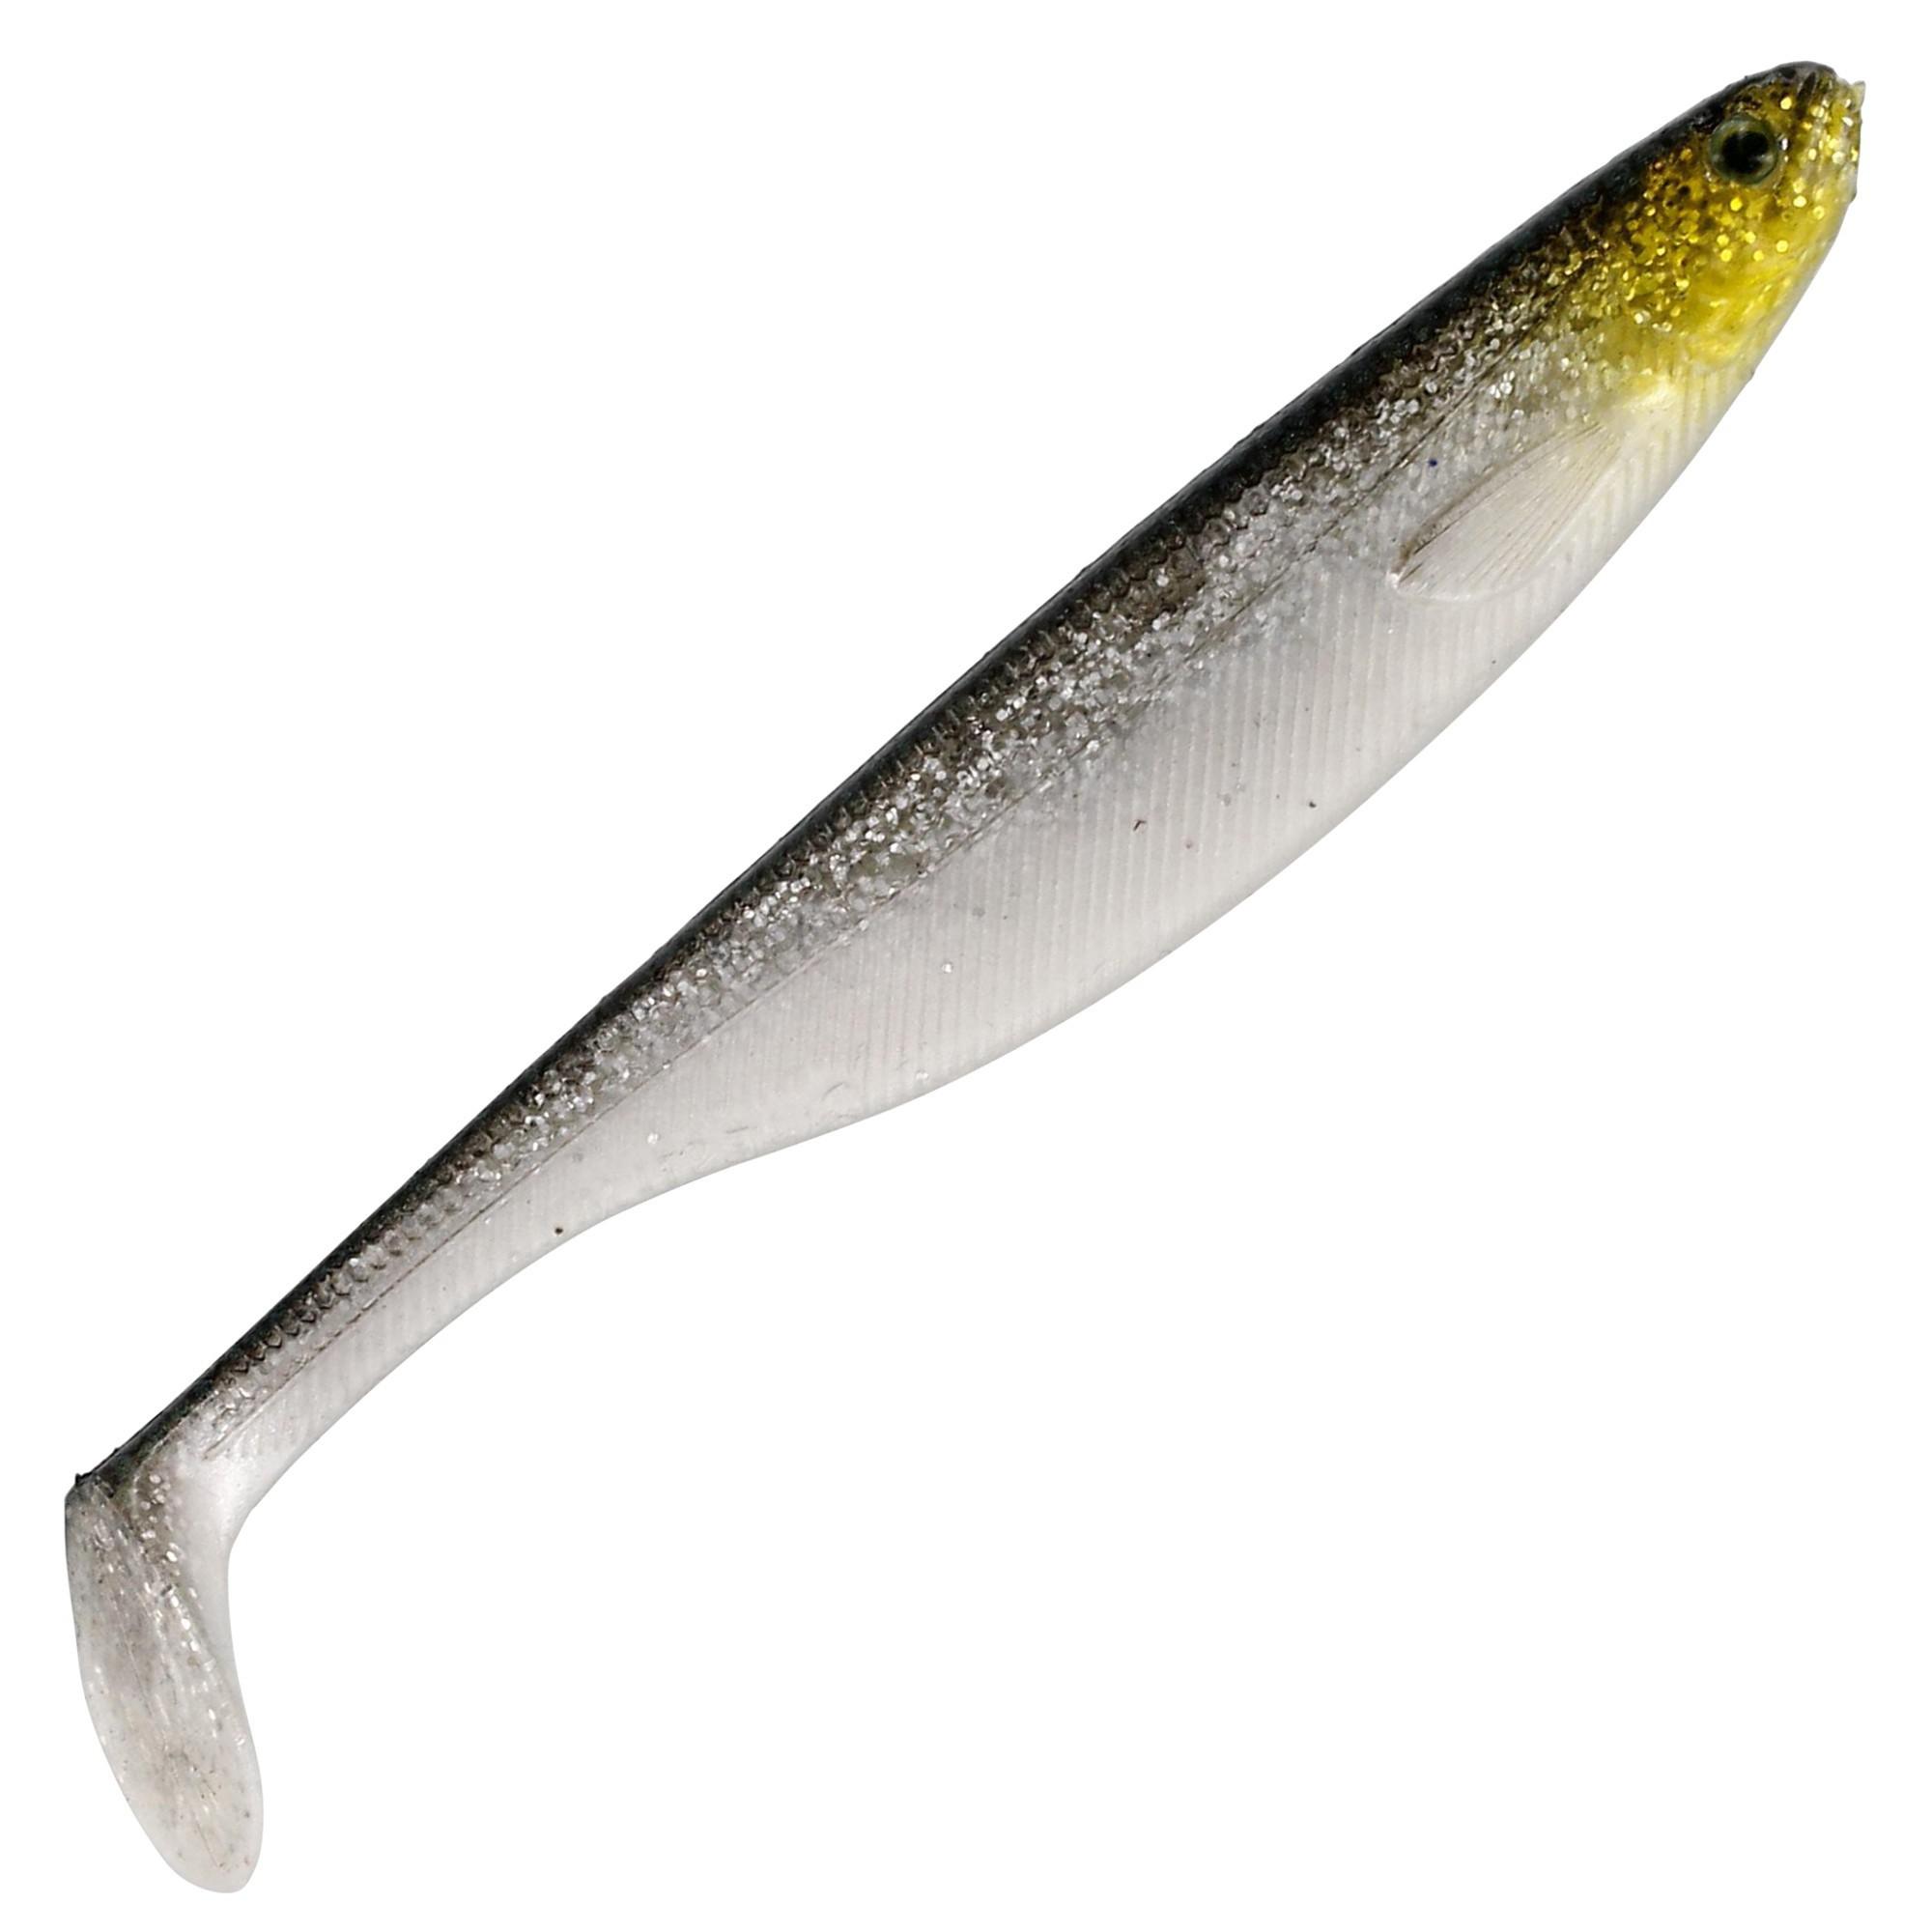 Westin-Shad-Teez-Gummifisch-schlank-Gummikoeder-Gummishad-Barschkoeder